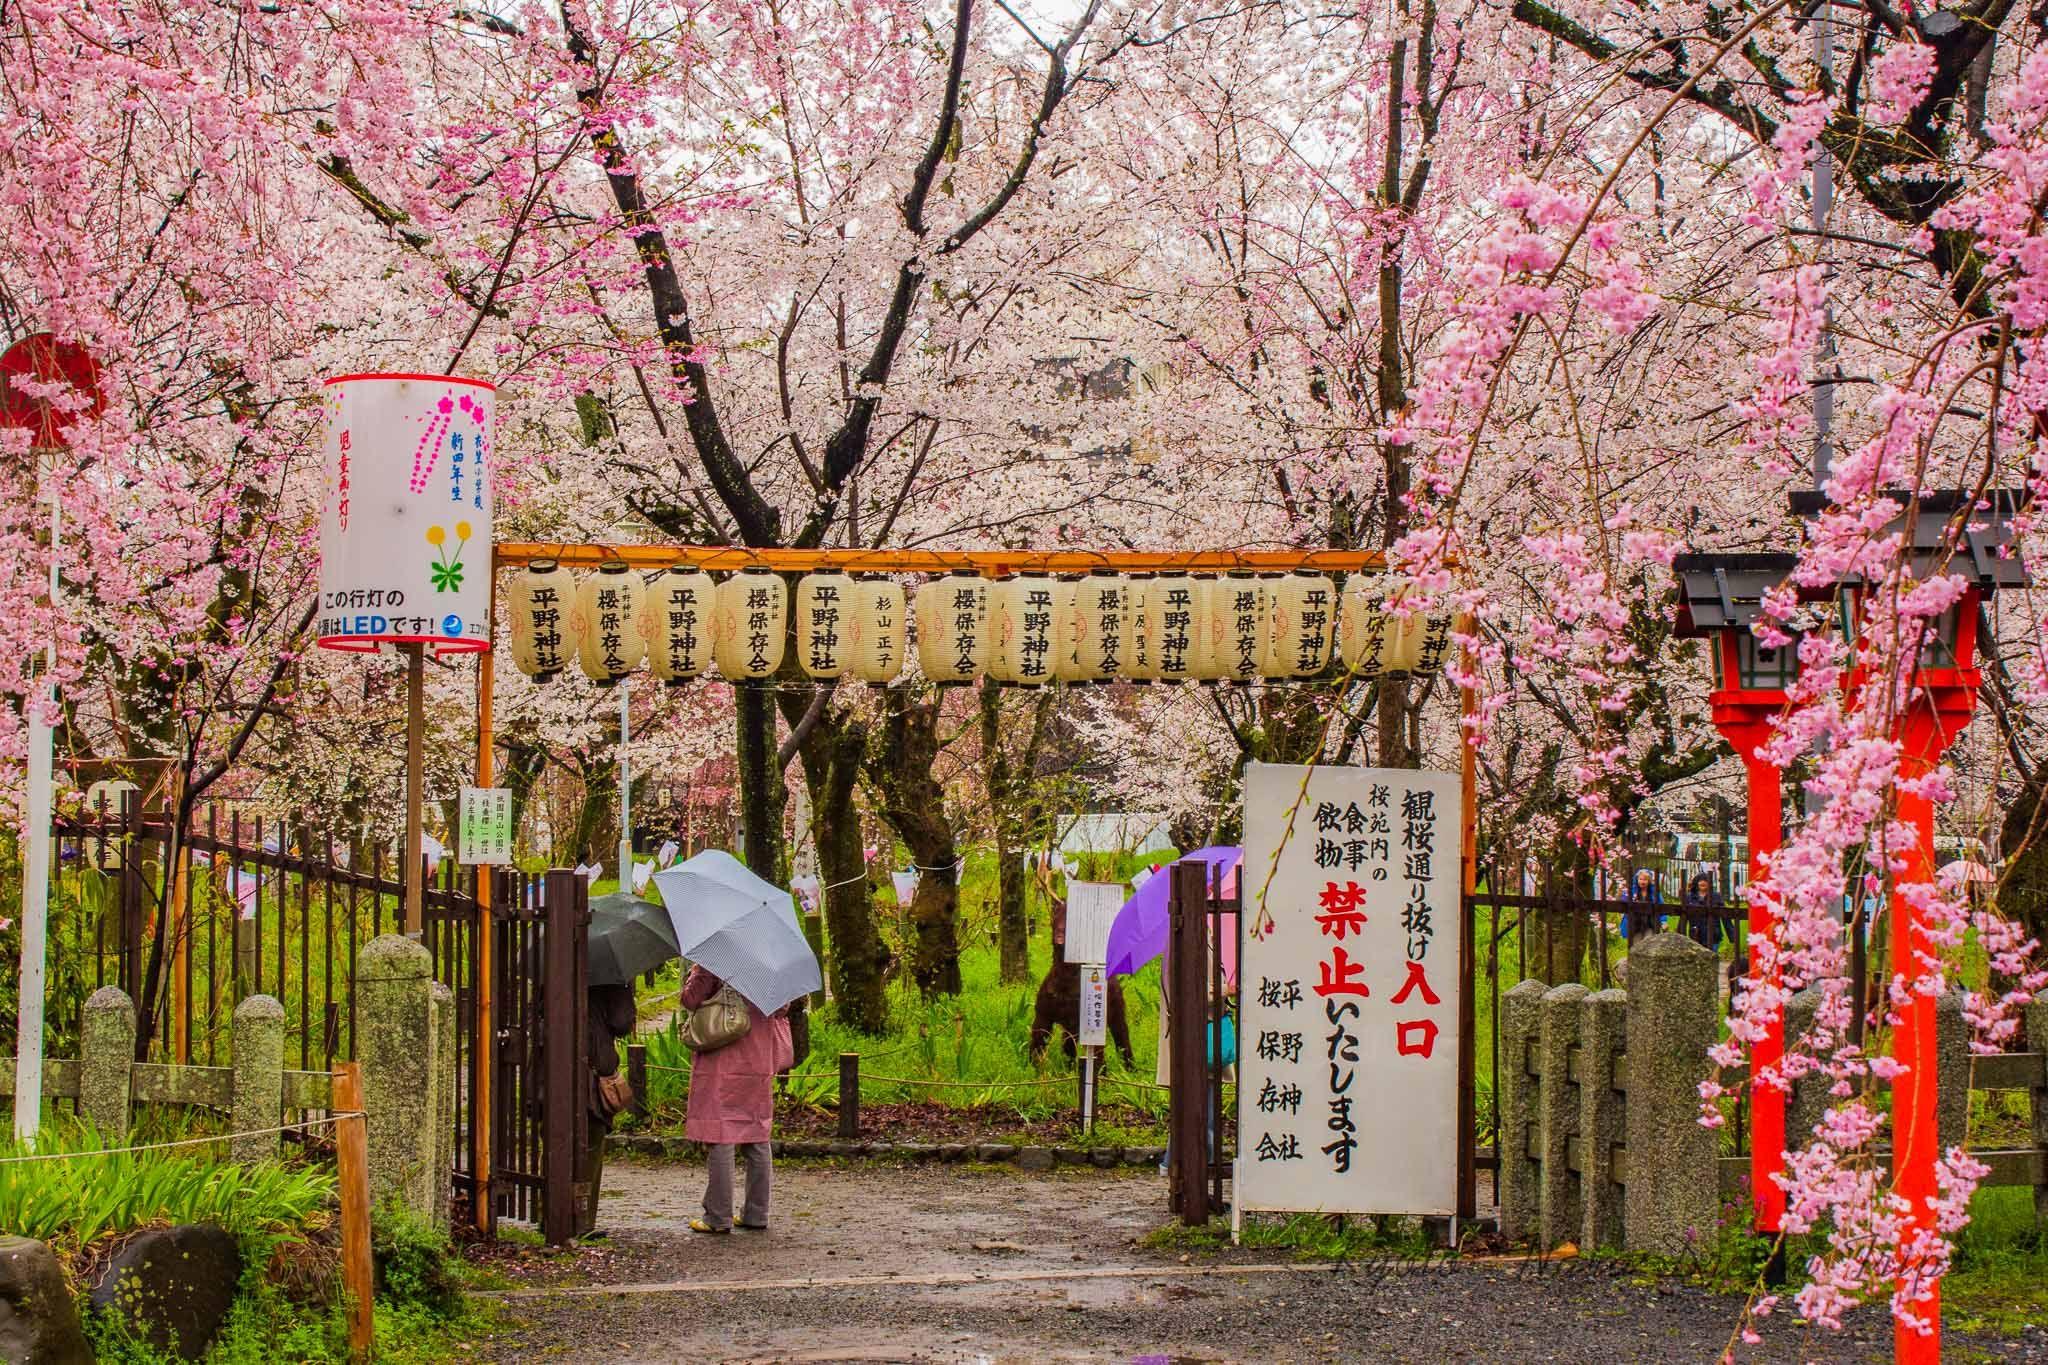 Hirano Jinja In Kyoto Sakura Paradise In 2021 Cherry Blossom Season Japanese Festival Japanese Cherry Blossom